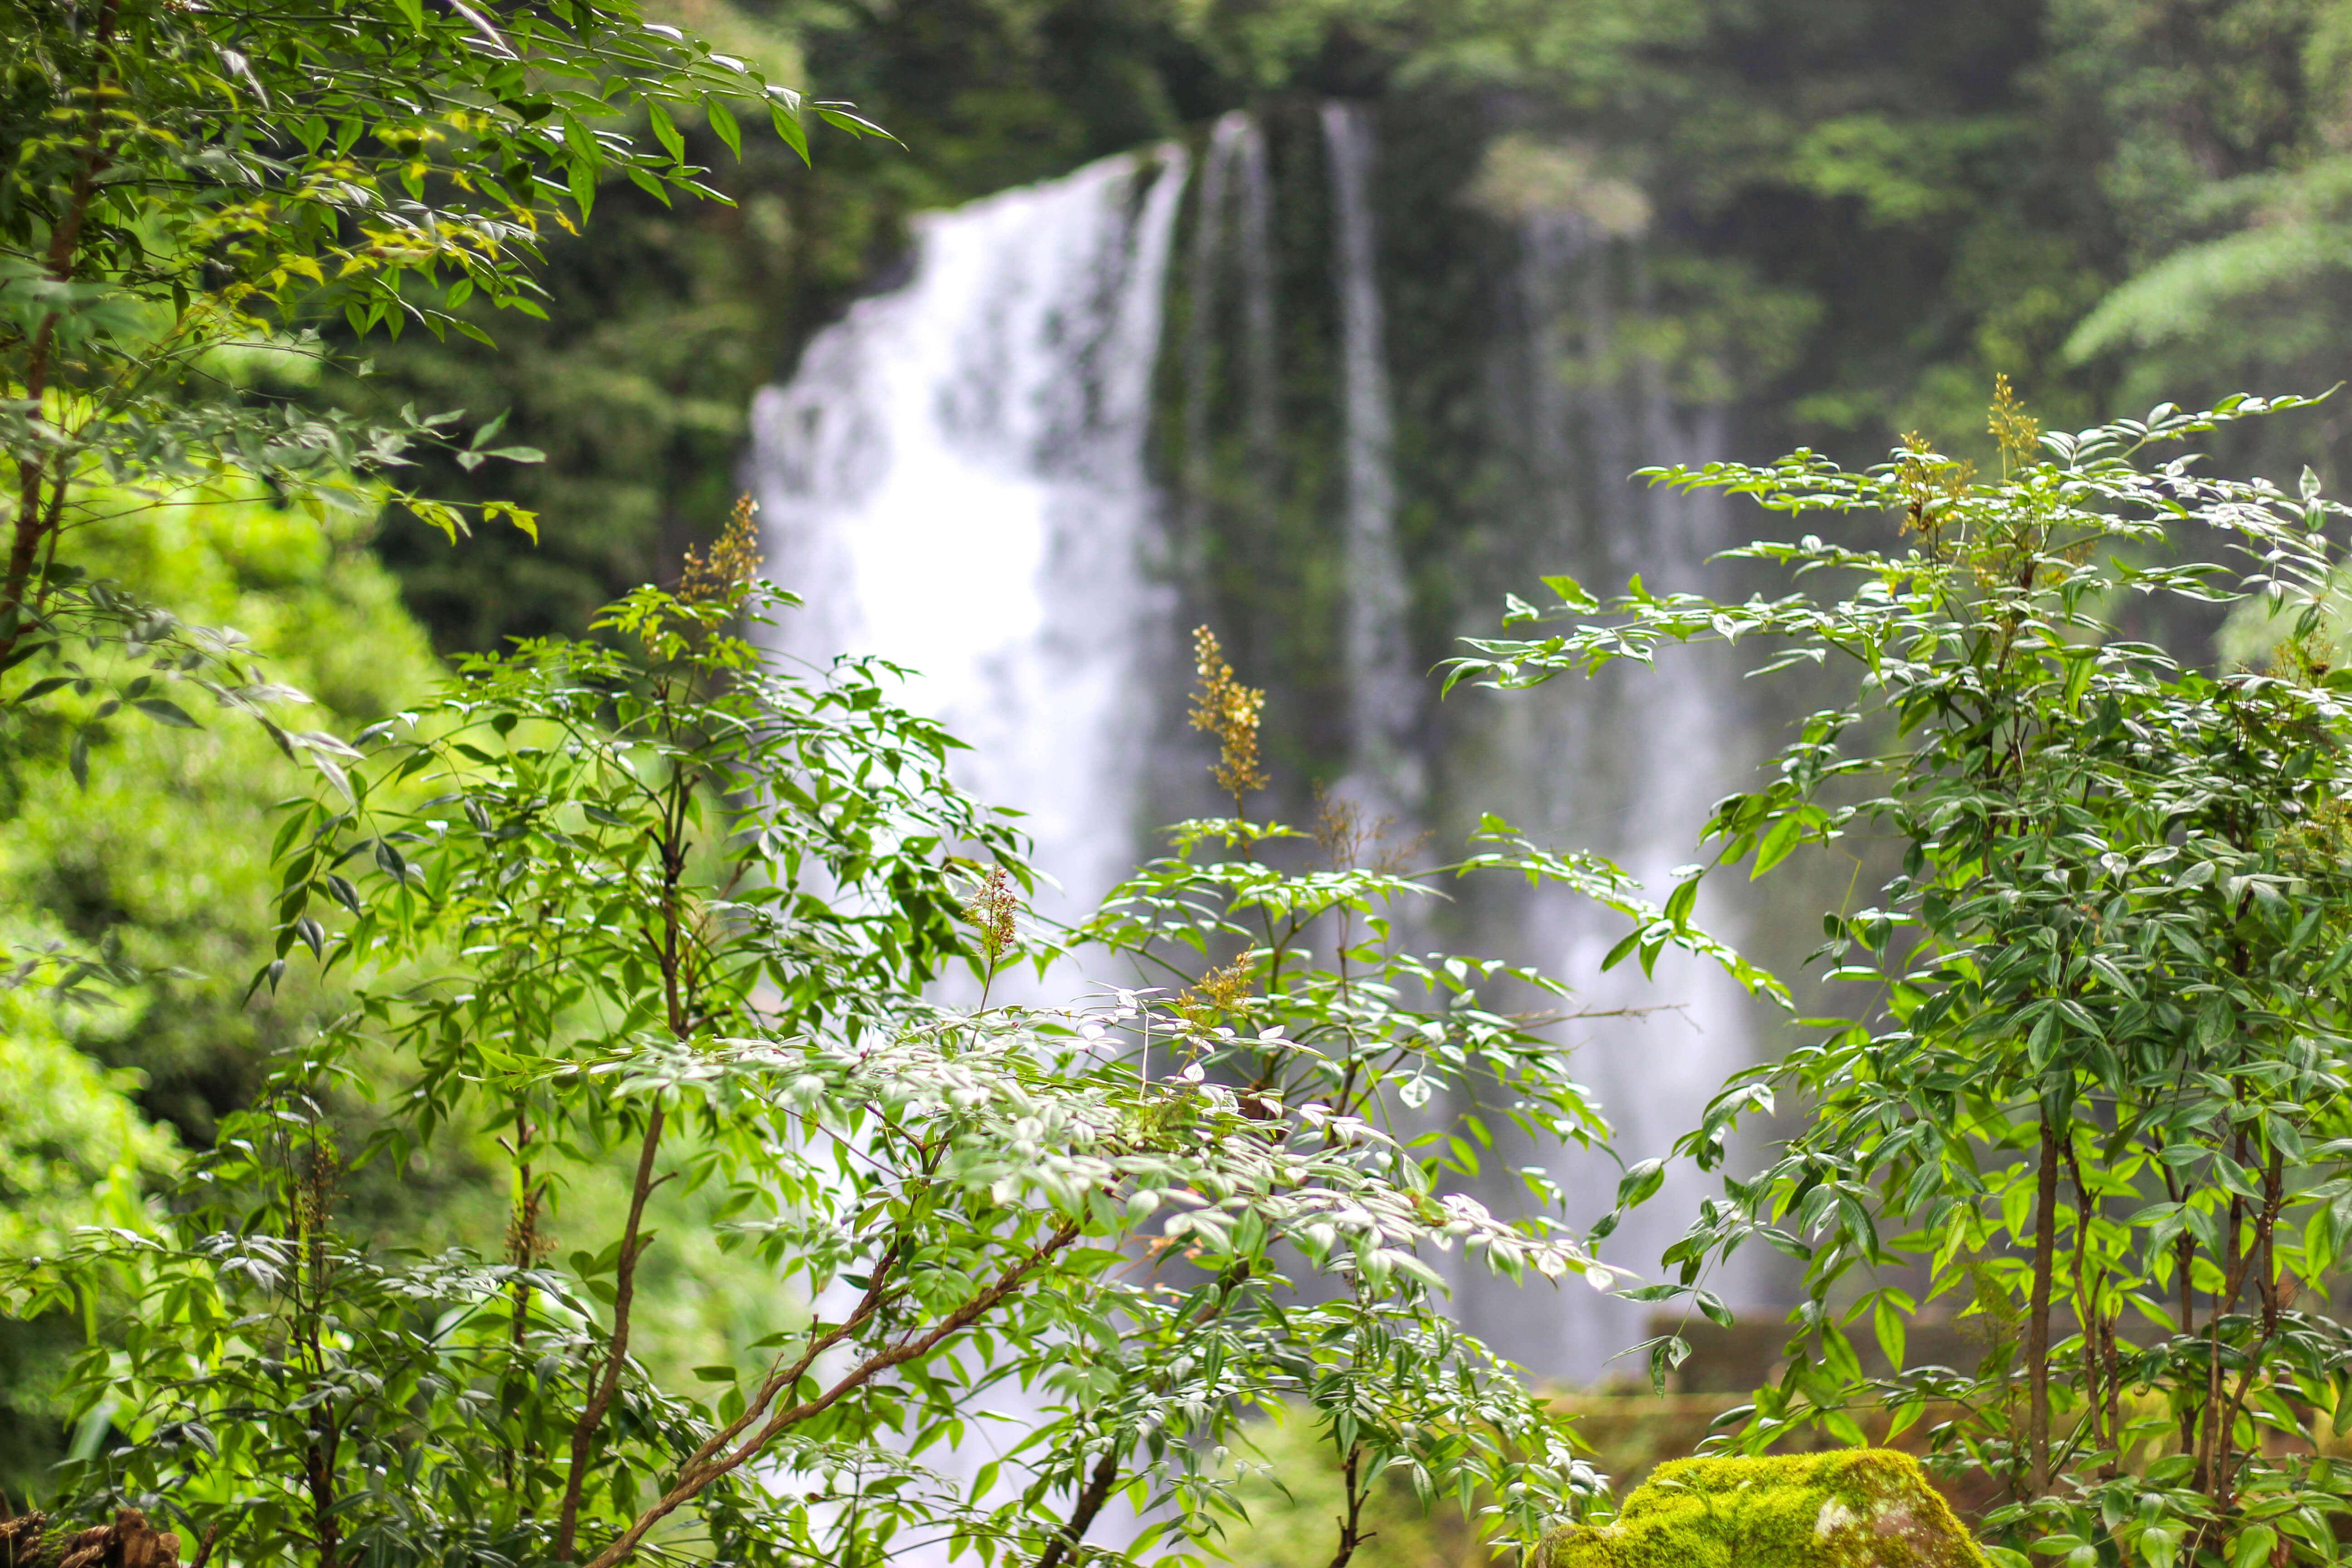 緑の背景に美しく流れる滝